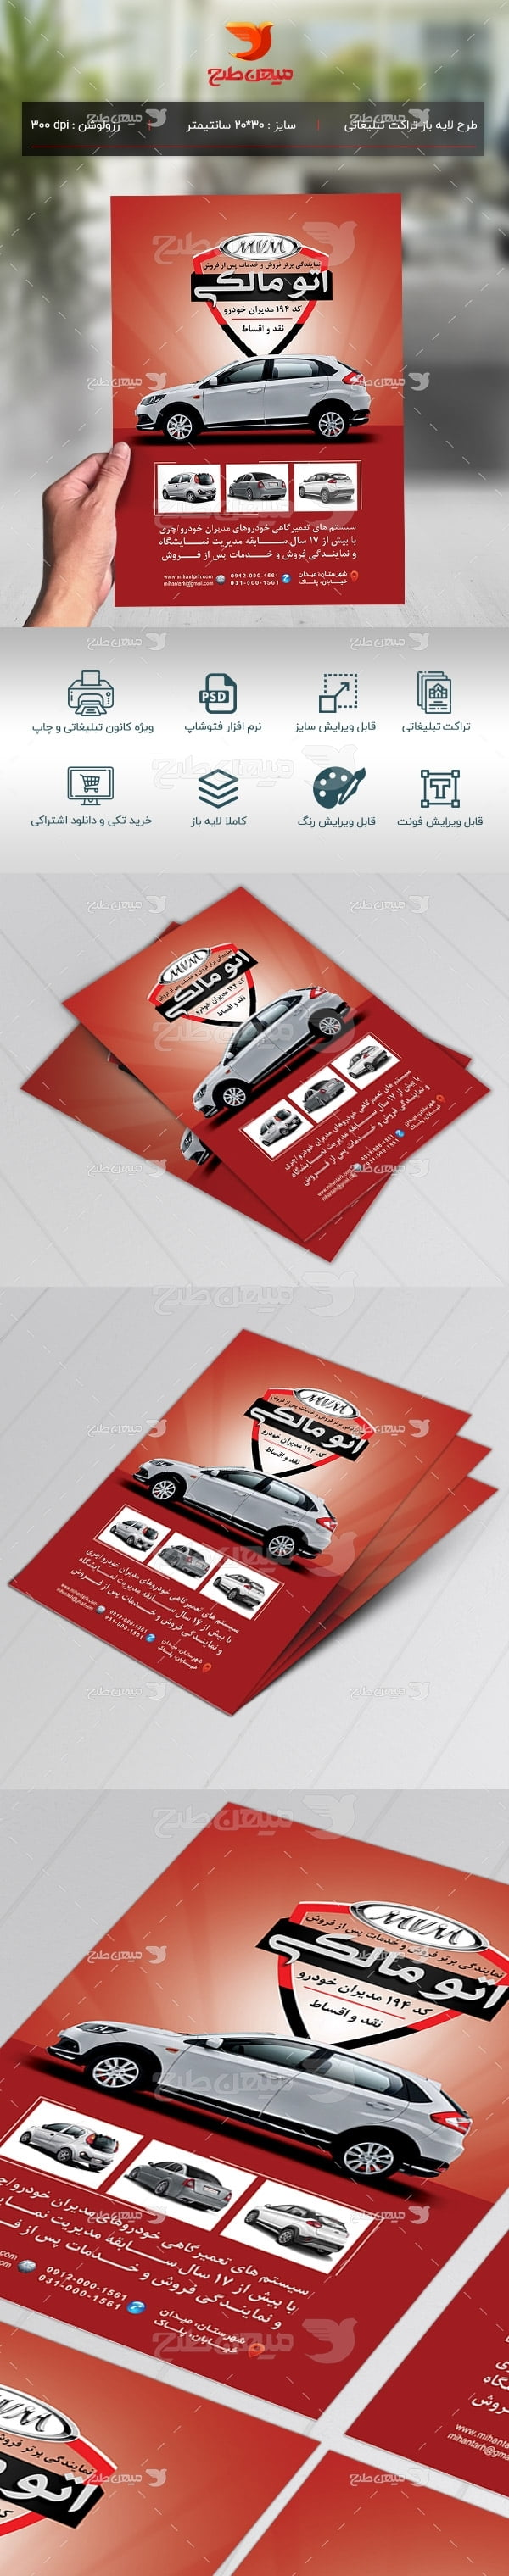 طرح لایه باز پوستر نمایندگی مدیران خودرو